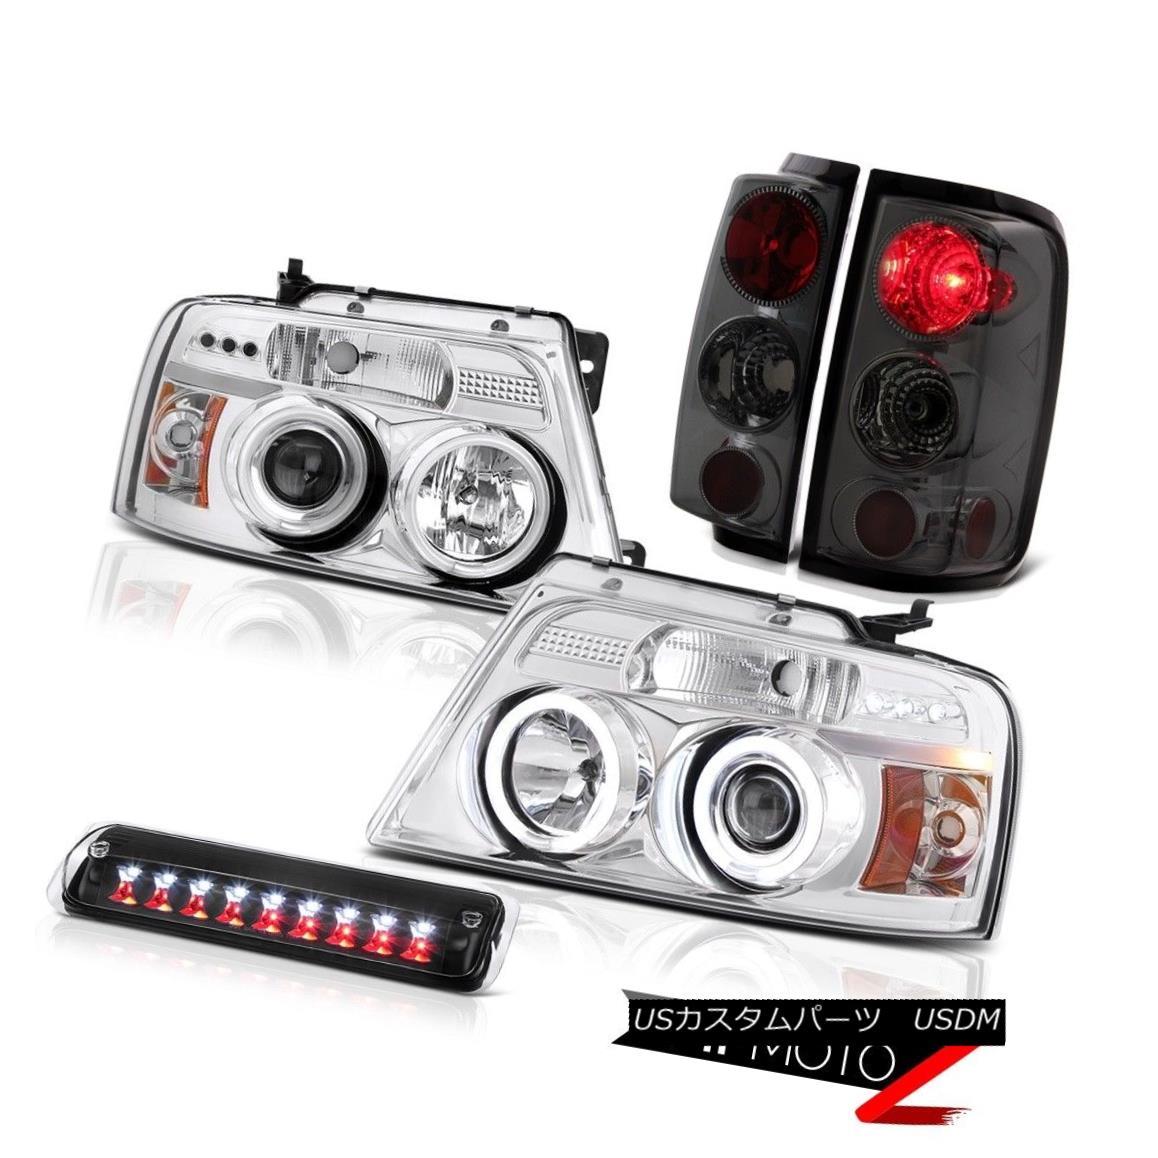 ヘッドライト 2004-2008 Ford F150 FX4 Roof Brake Lamp Headlights Tail Lamps LED Altezza Cool 2004-2008フォードF150 FX4ルーフブレーキランプヘッドライトテールランプLED Altezza Cool